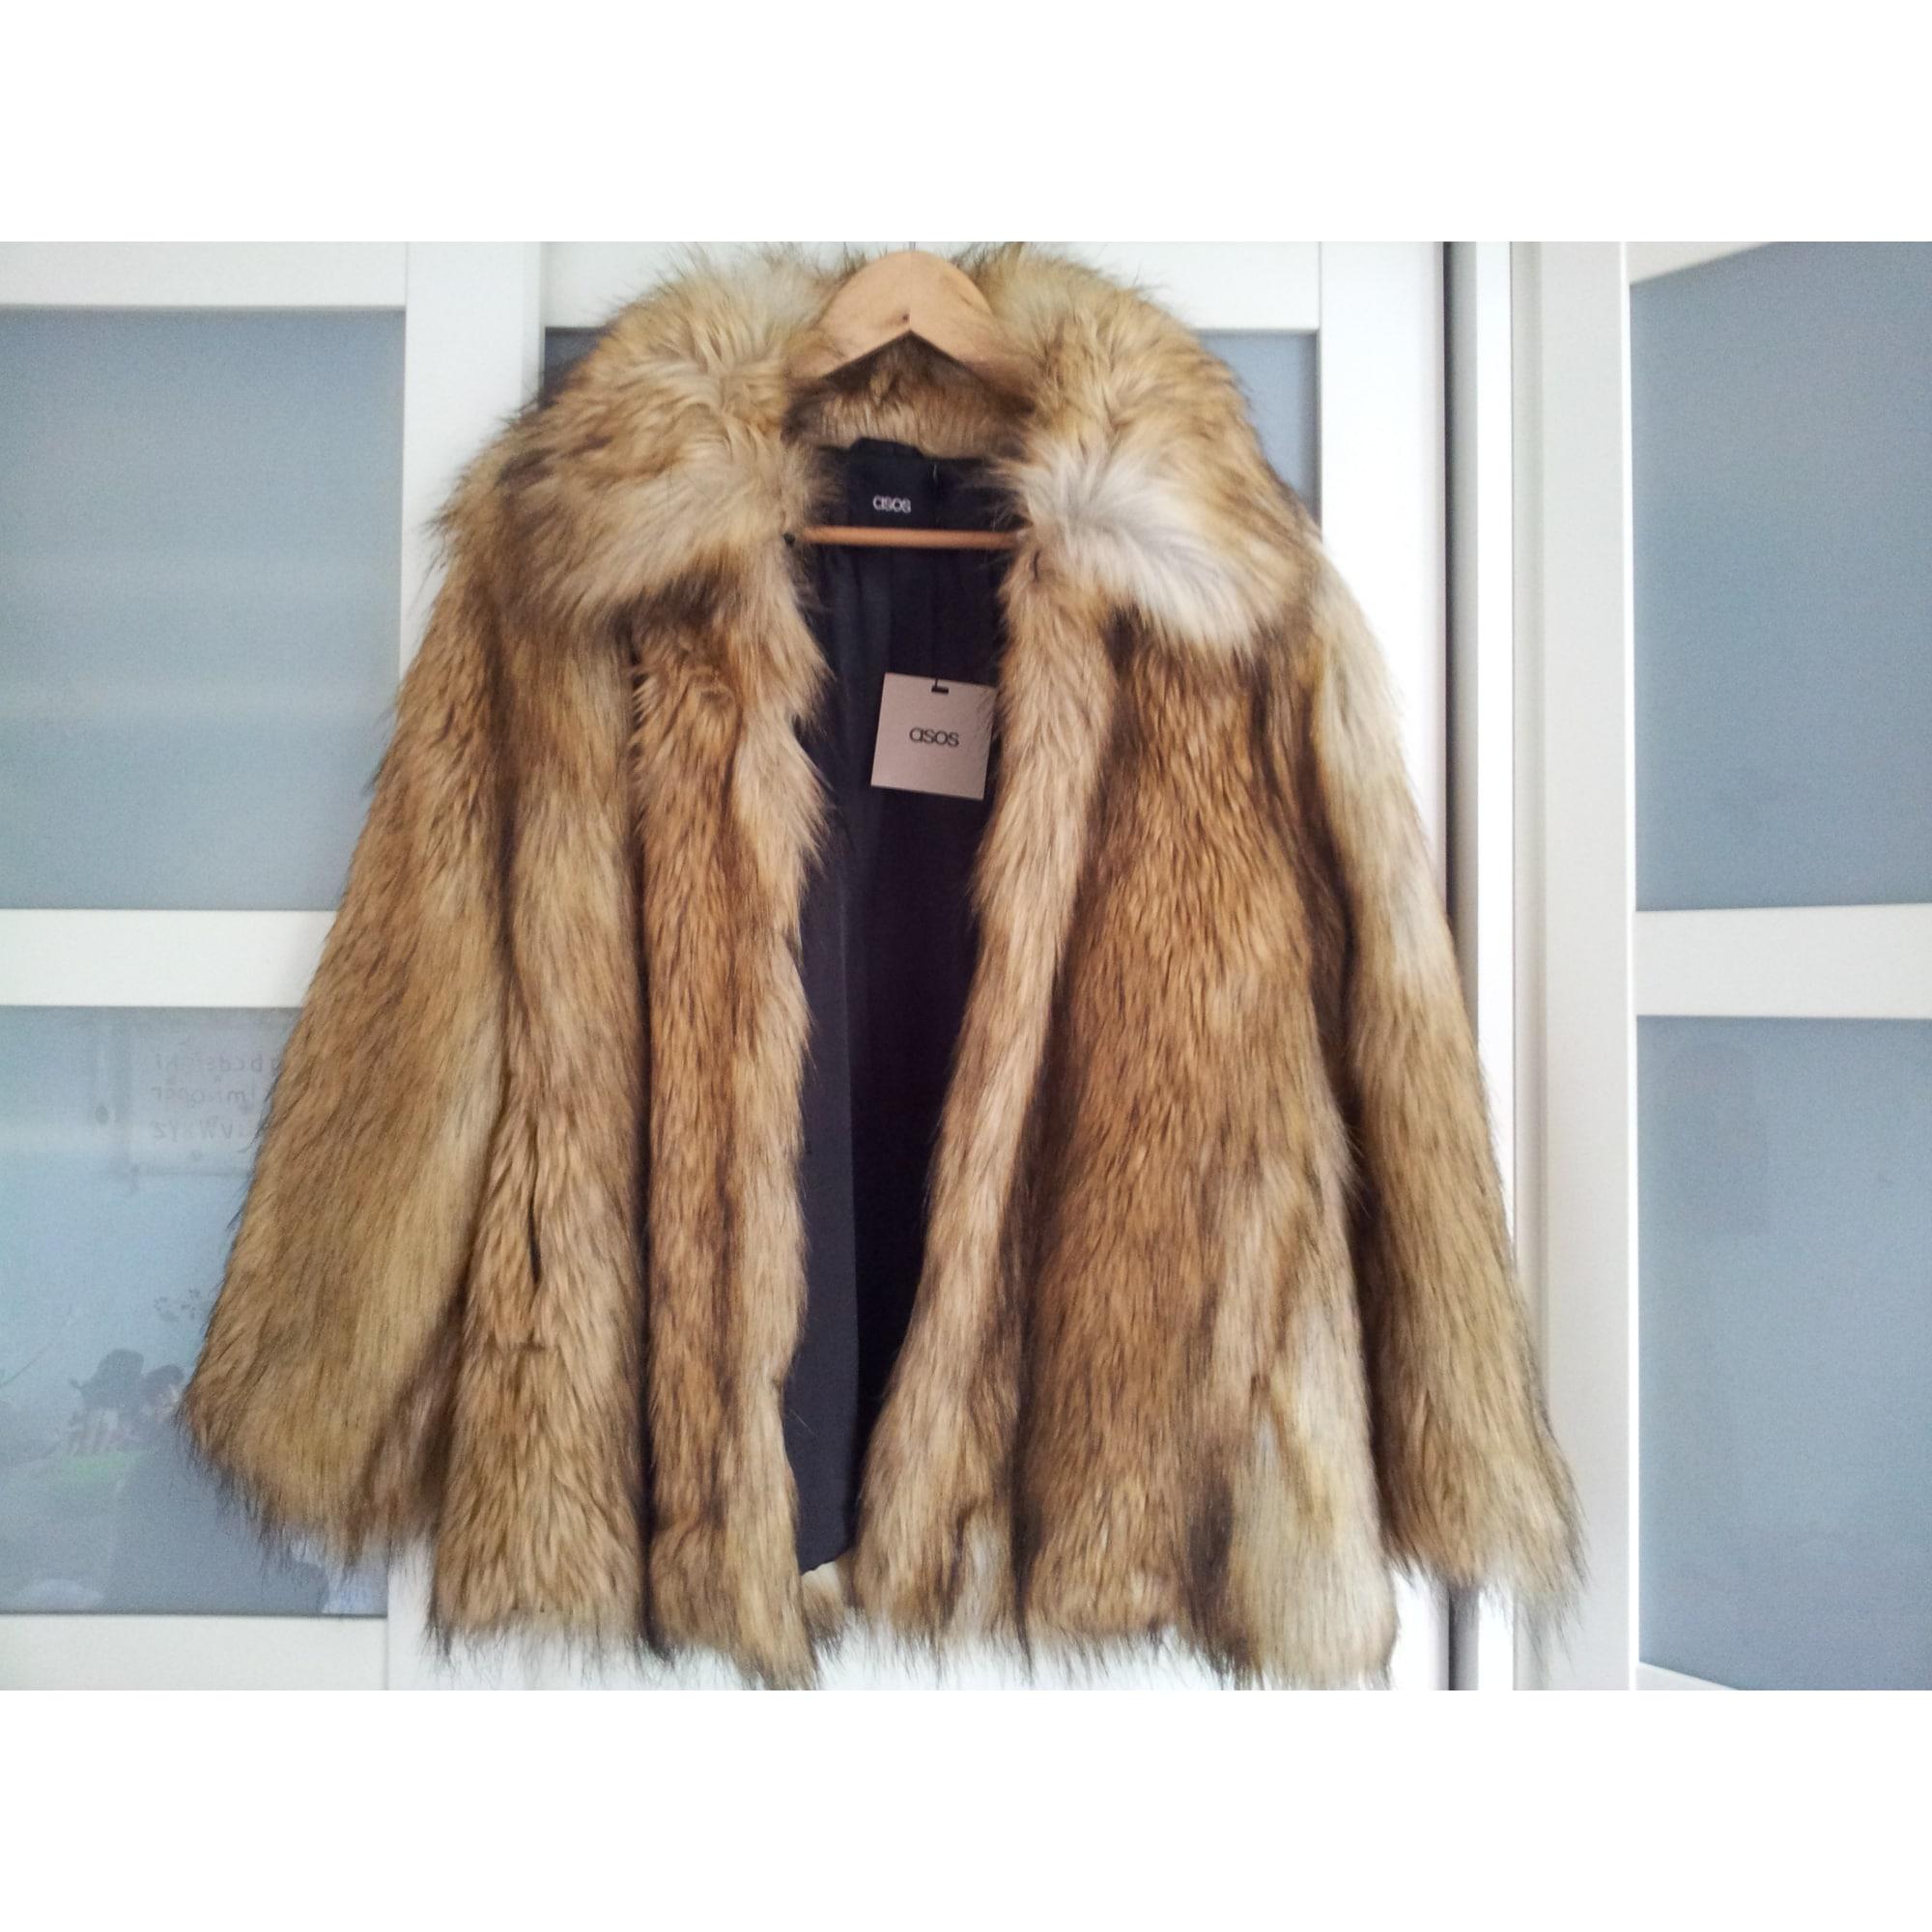 Manteau en fourrure ASOS 38 (M, T2) beige vendu par Armoire de ... 63323eaa3b54